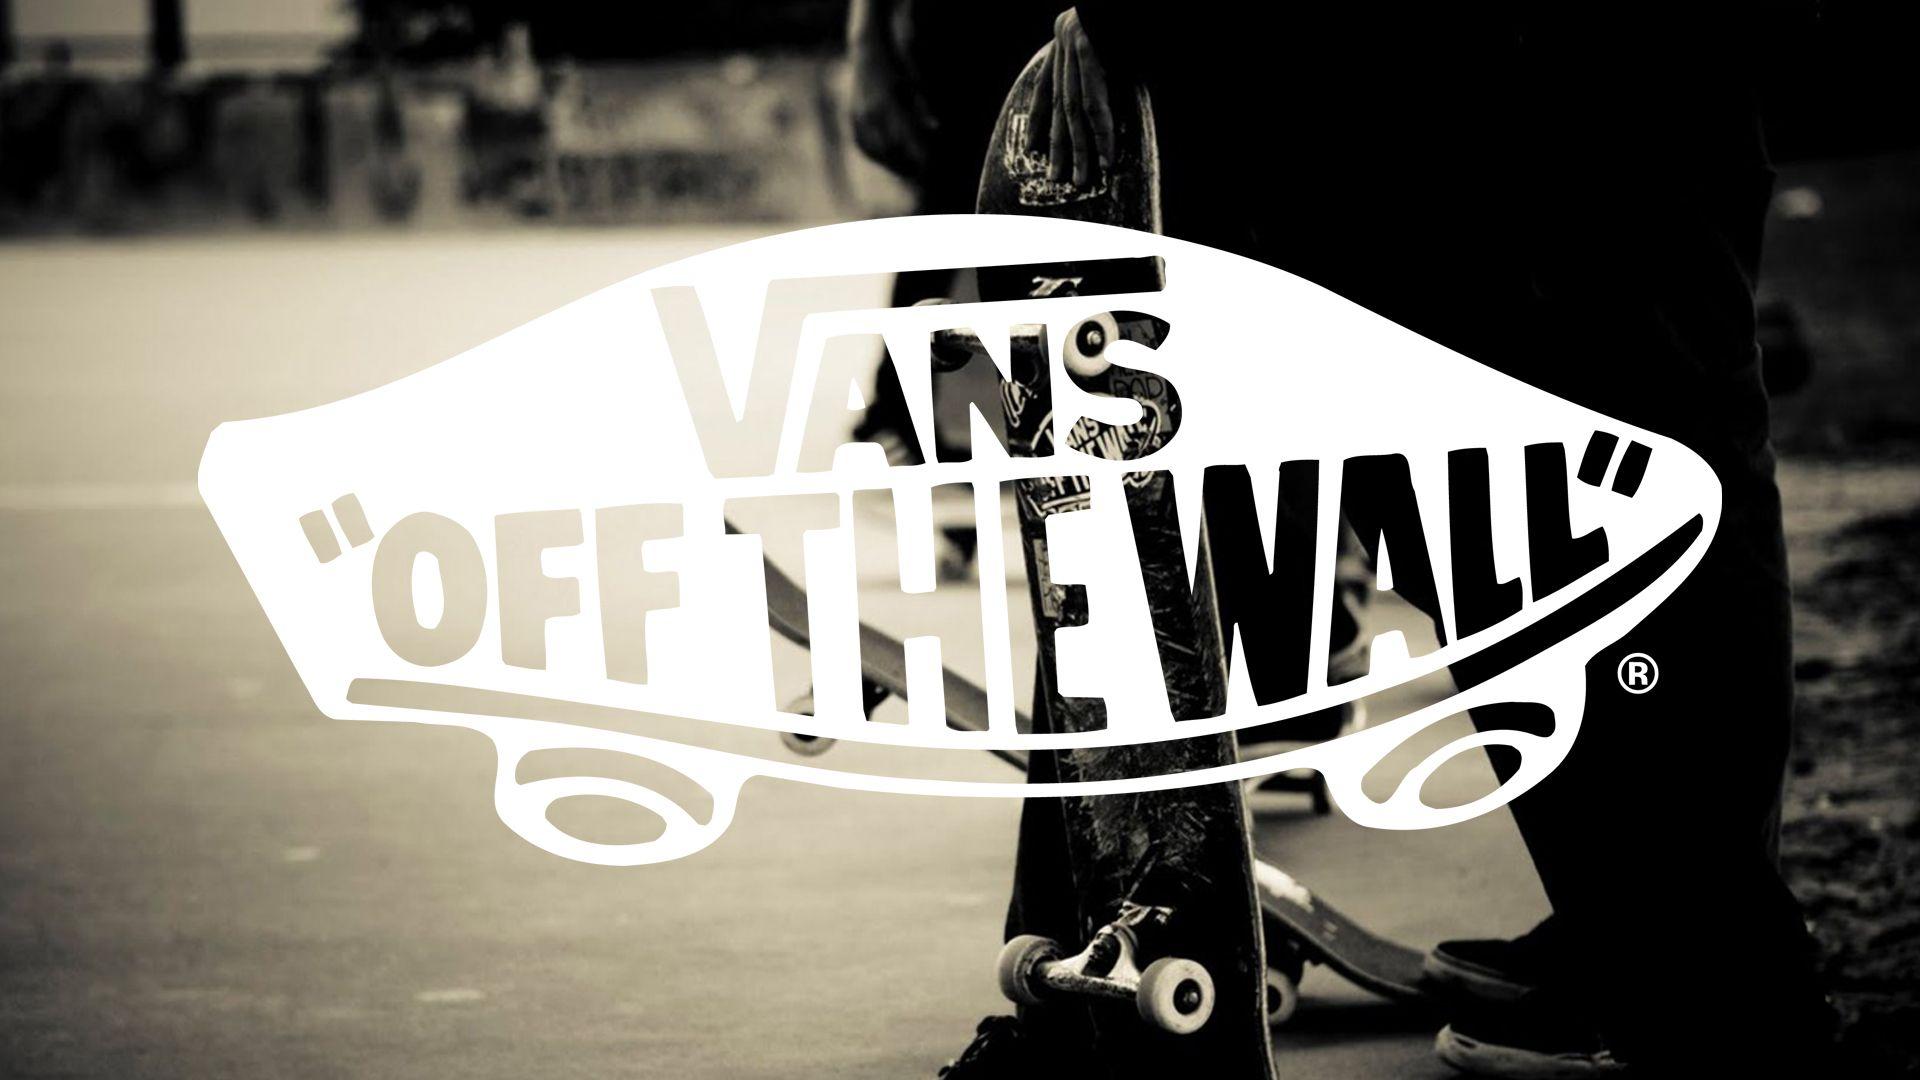 Vans Skateboard Wallpaper Picture Vans Skateboard Skateboard